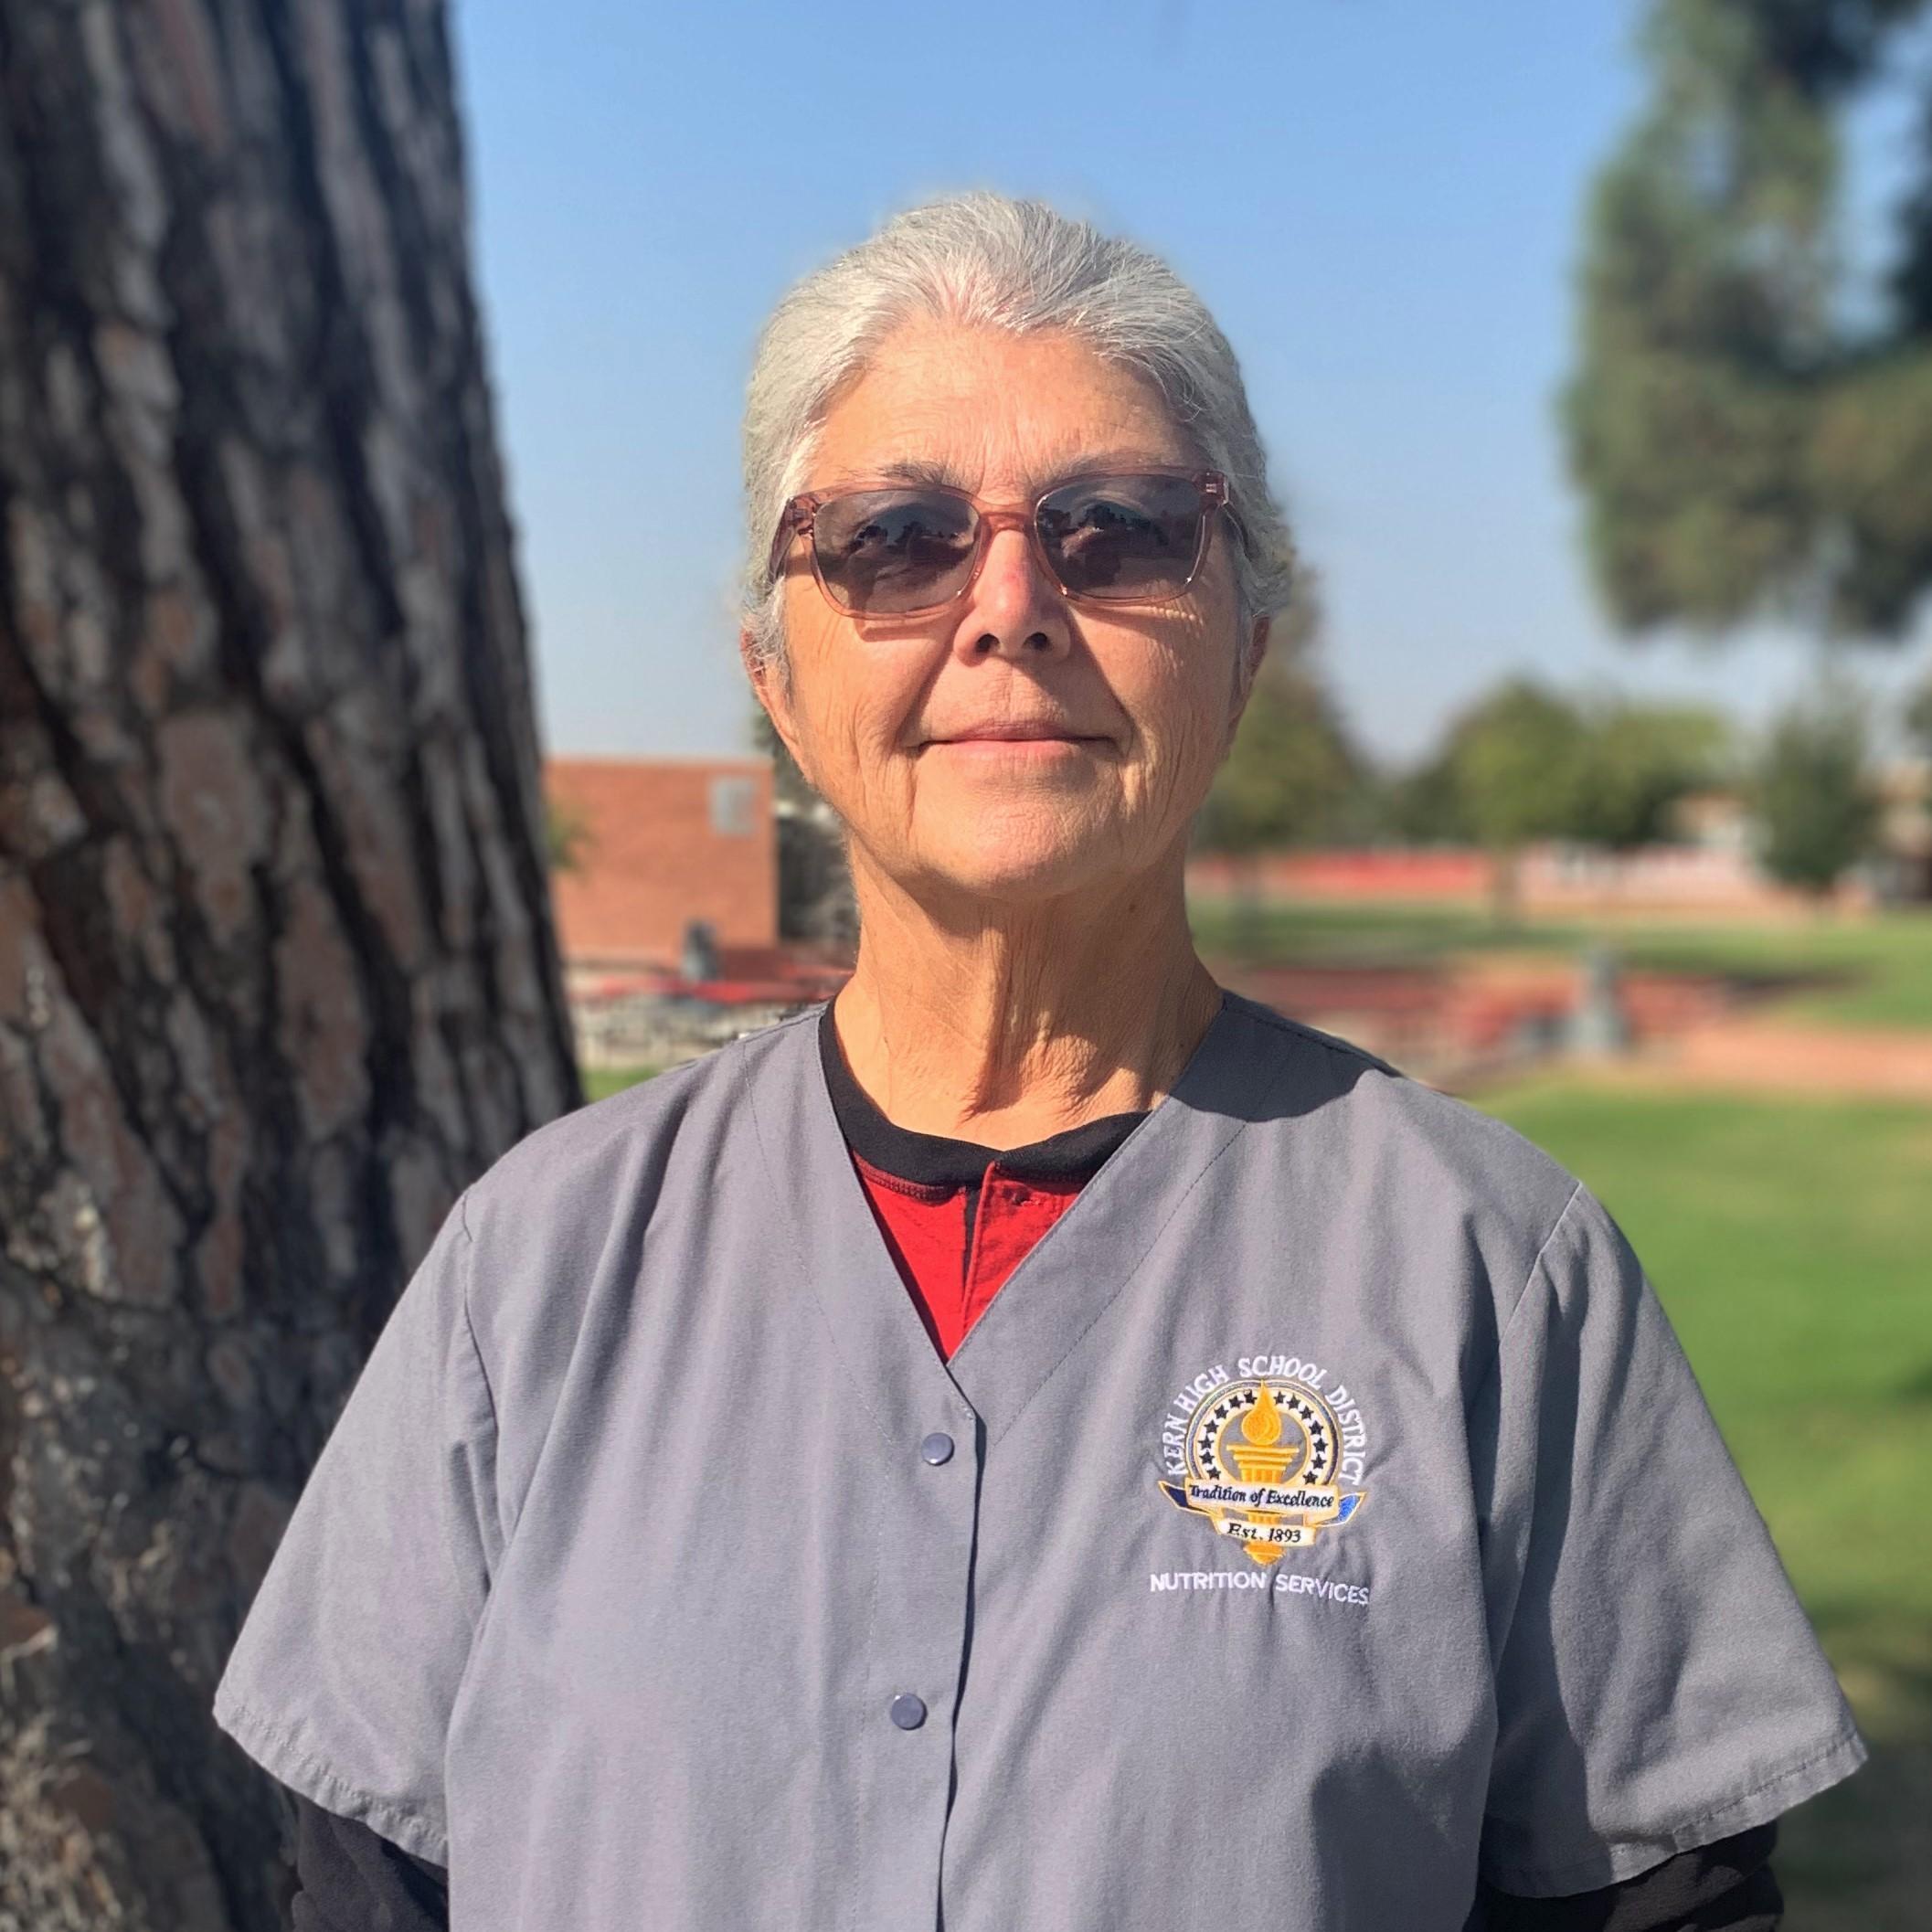 Wilma Palmer's Profile Photo